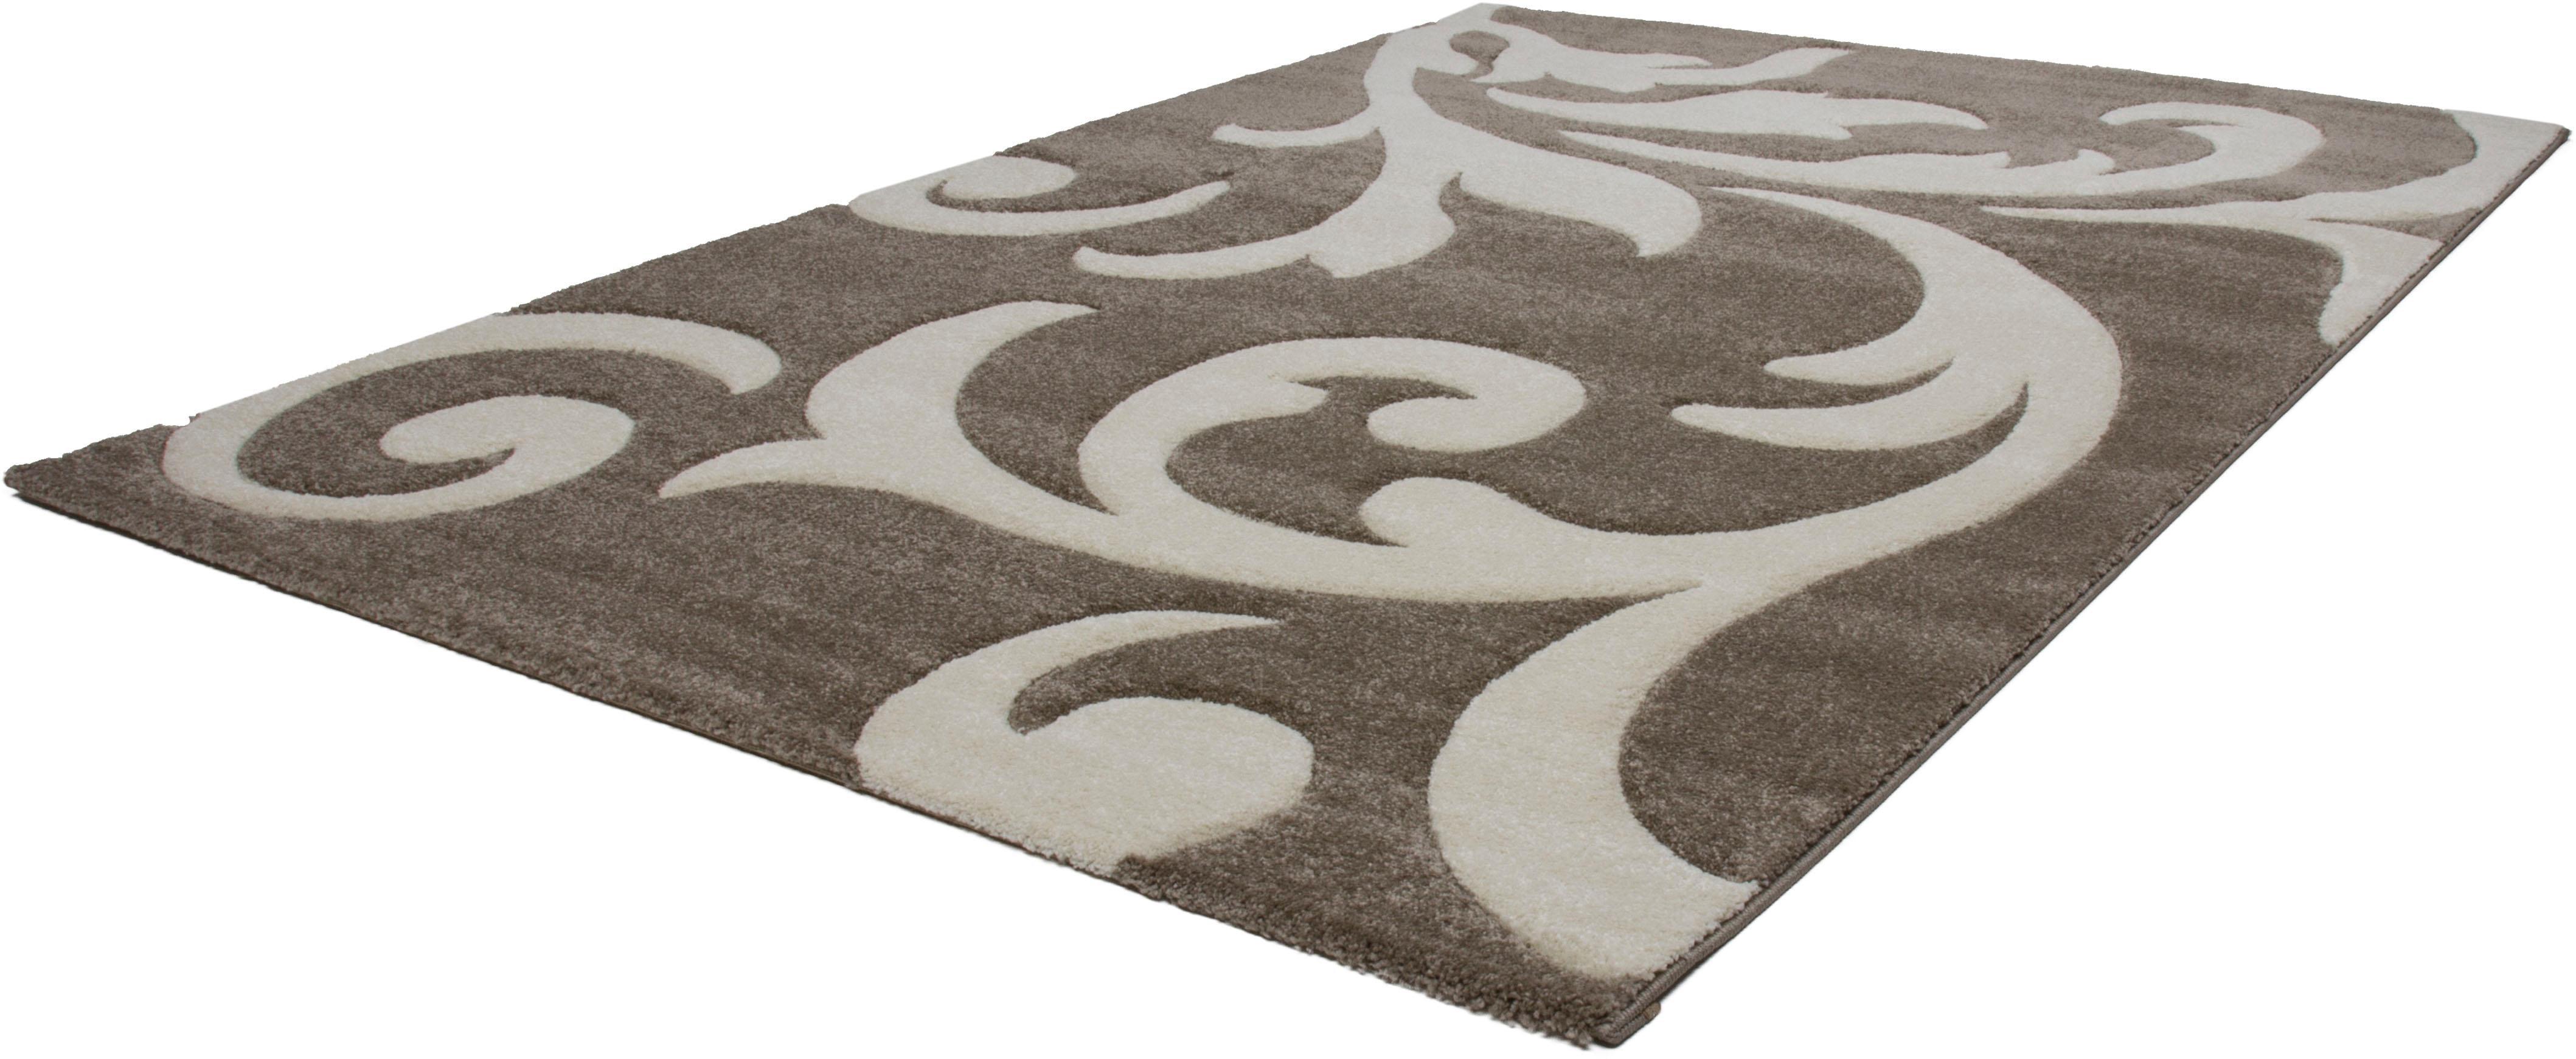 Teppich Lambada 451 LALEE rechteckig Höhe 14 mm maschinell gewebt